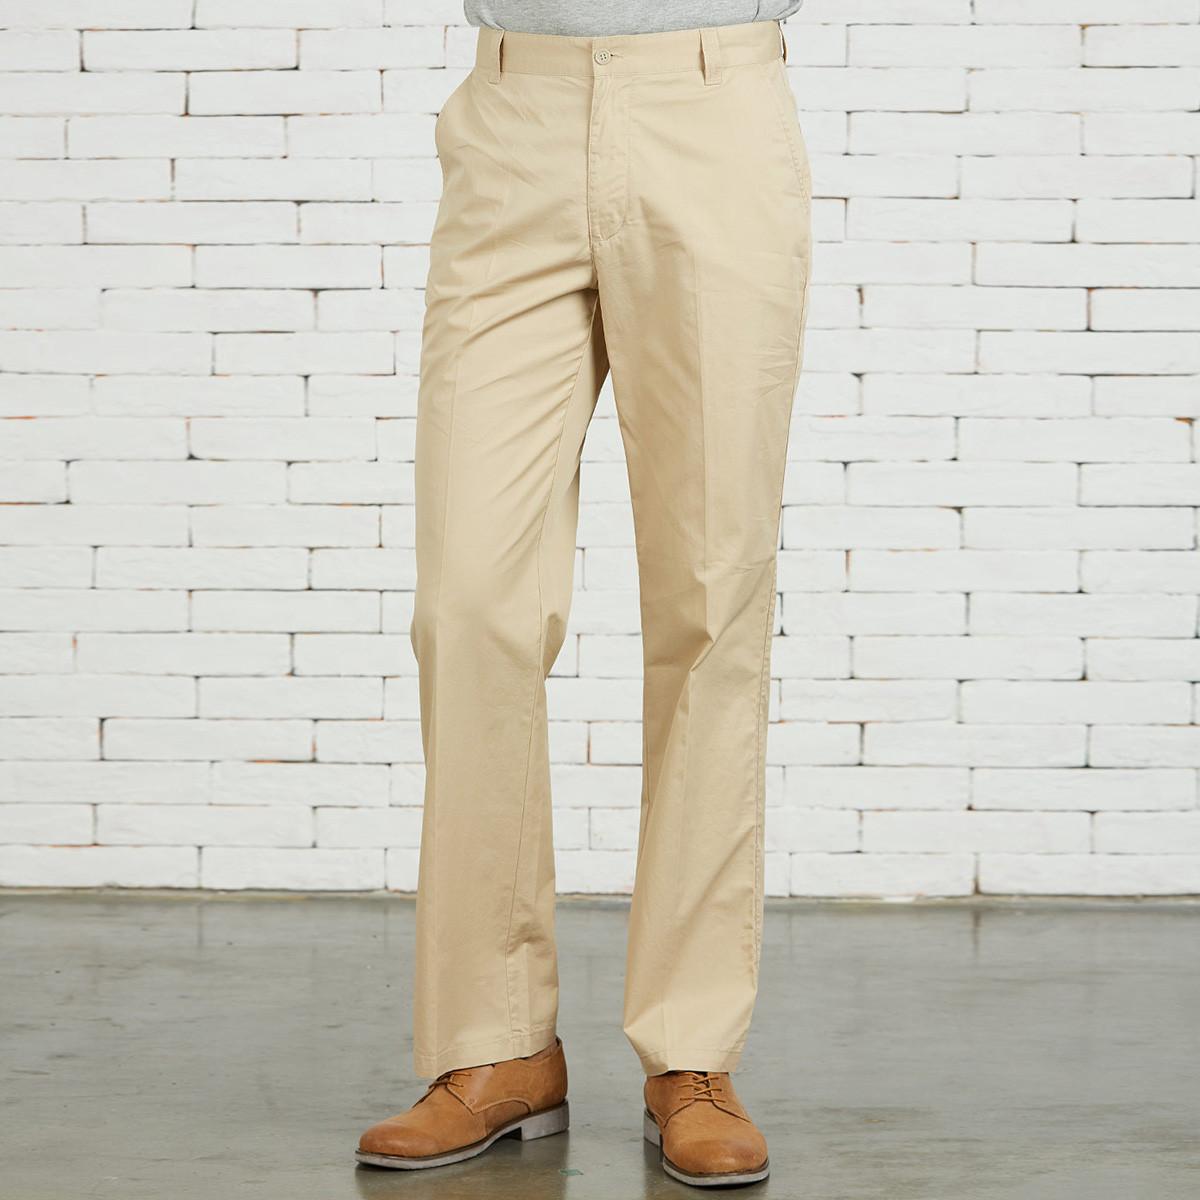 圣大保罗商务休闲宽松薄款无褶侧袋全棉纯色男式休闲长裤PS12WP103R3